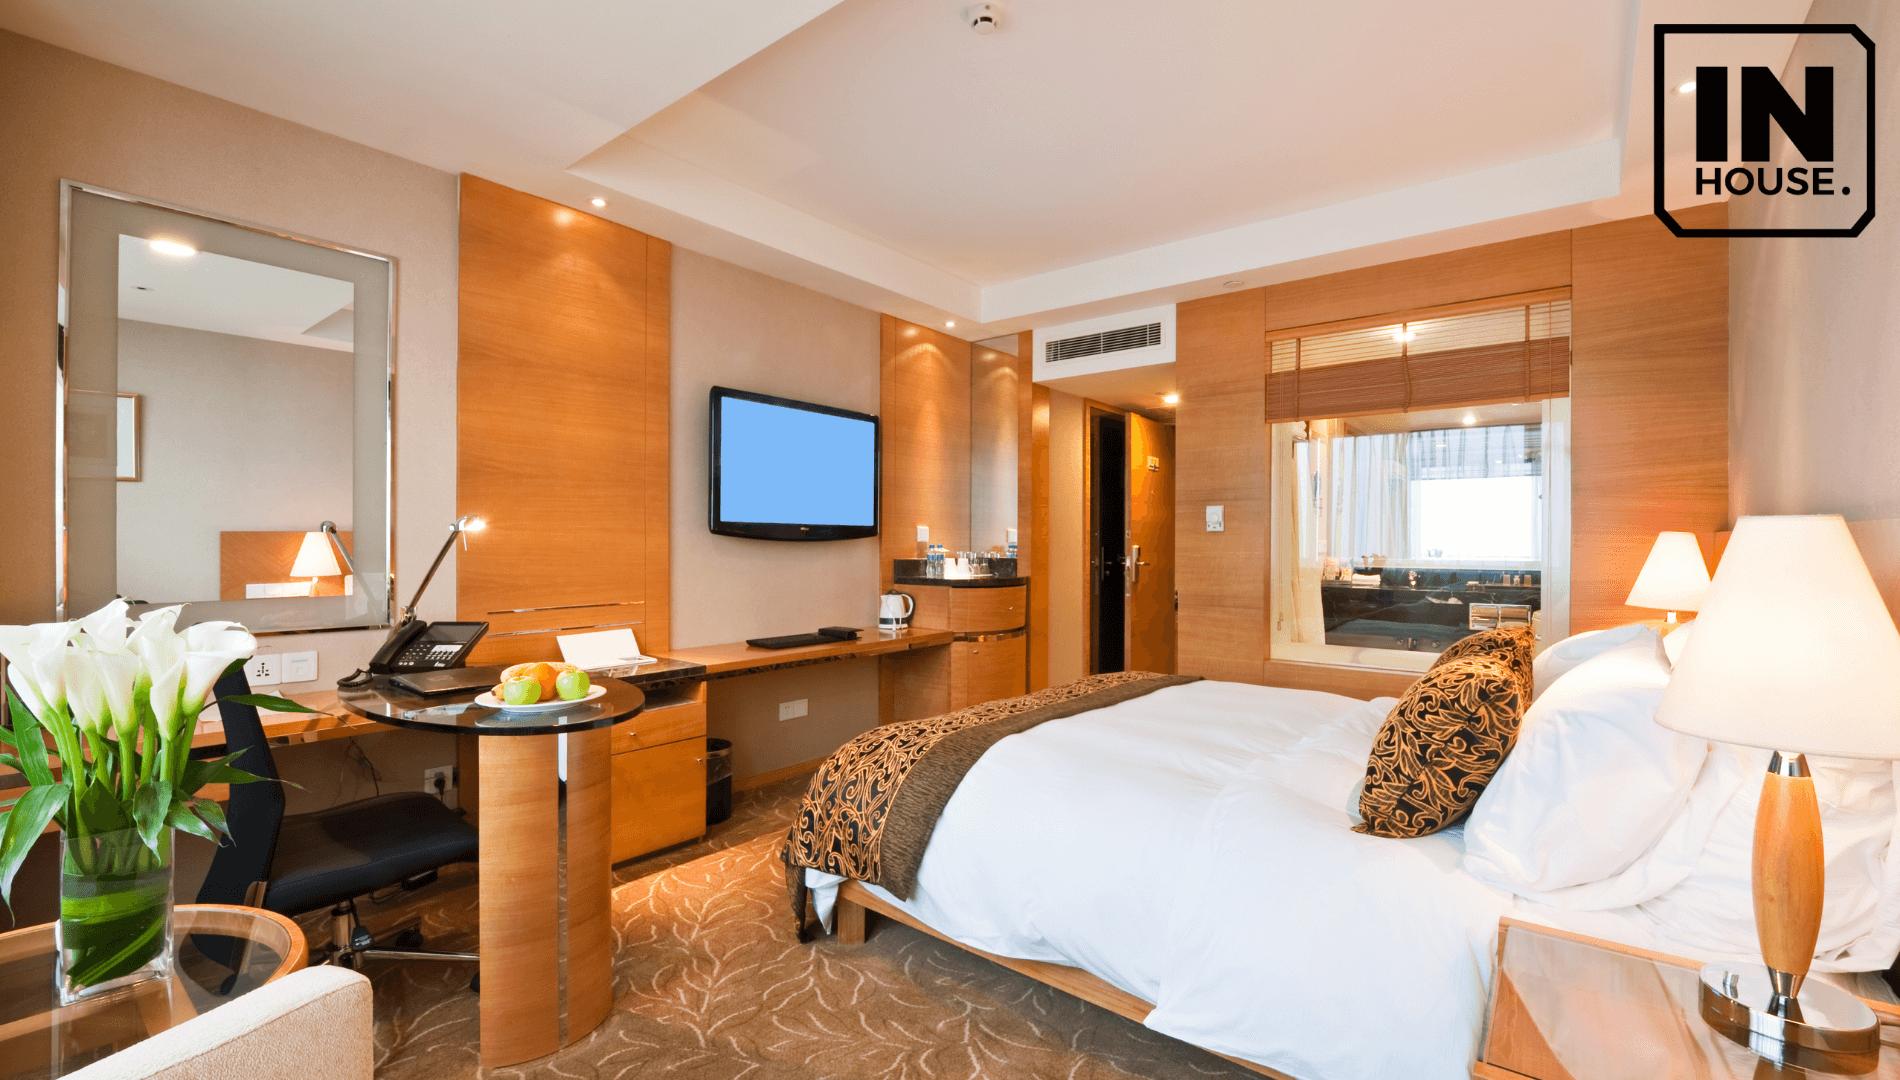 Thiết kế khách sạn mini đẹp với chất liệu gỗ